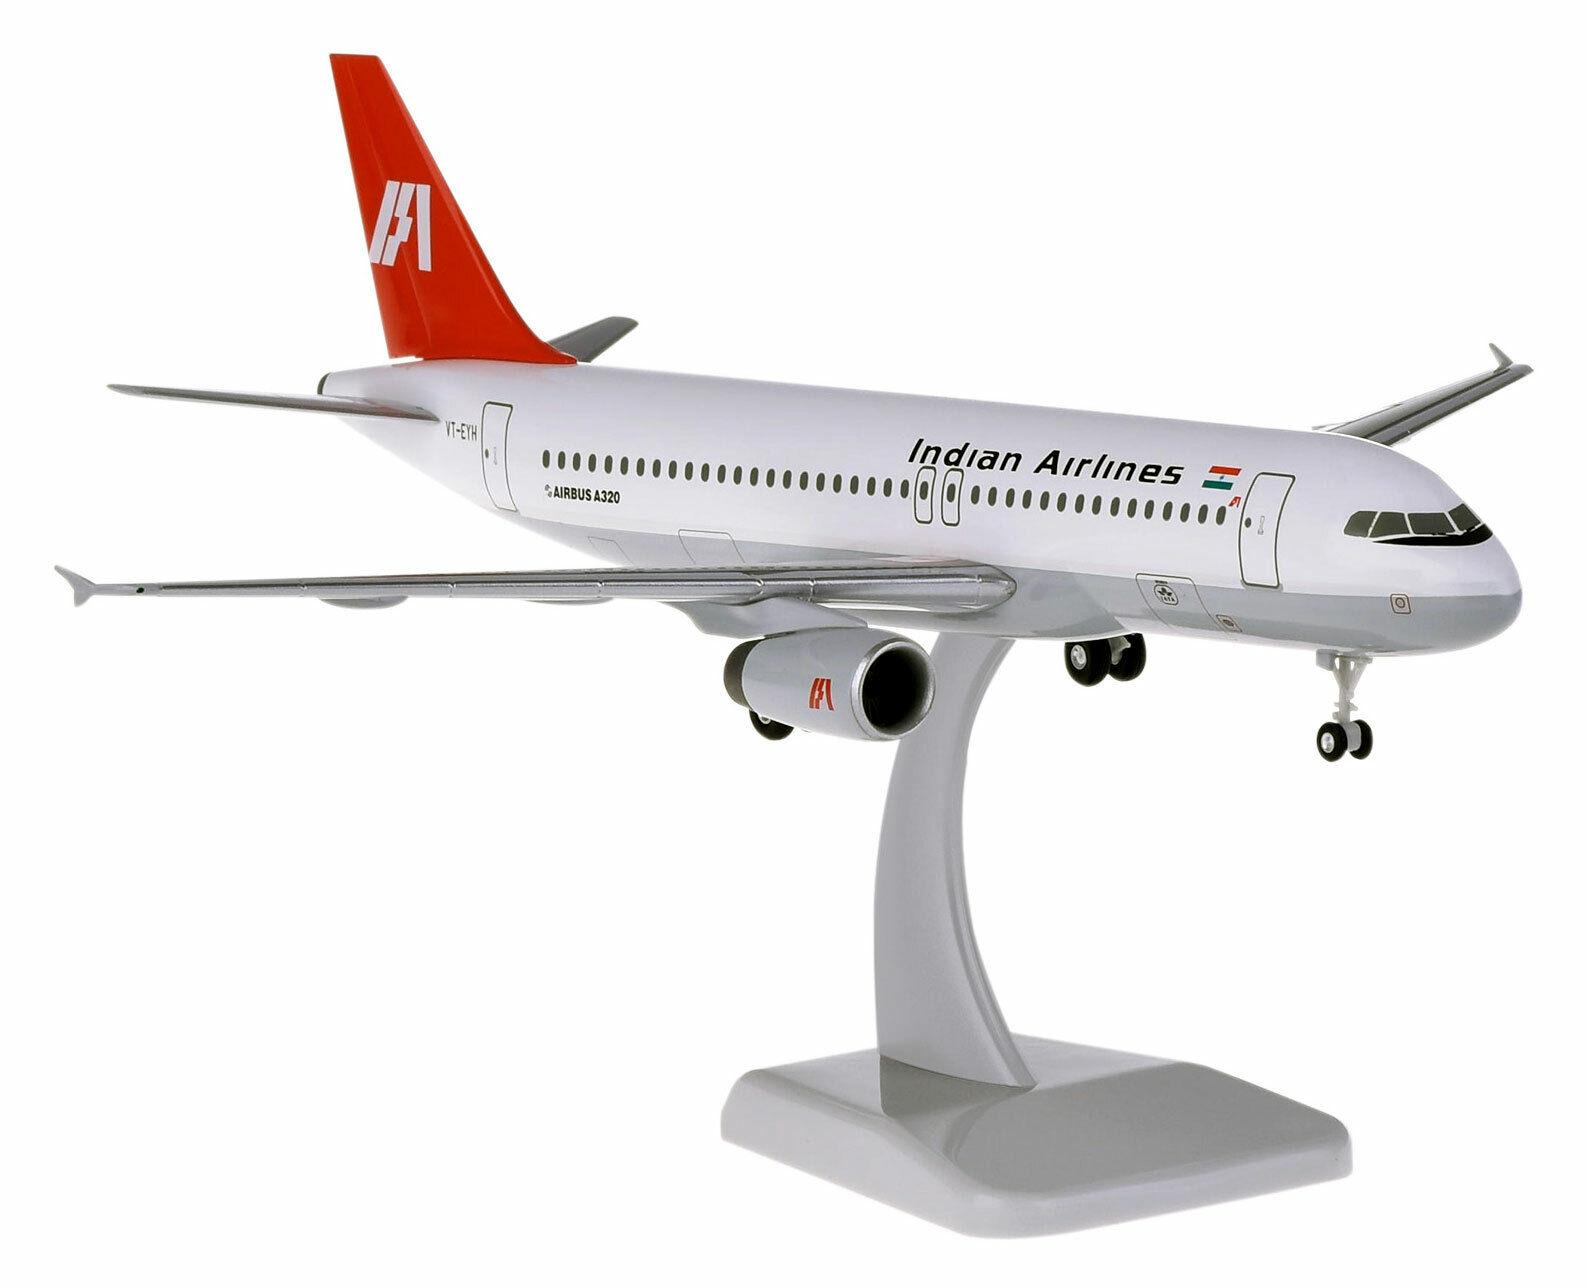 ventas en línea de venta Indian airlines airbus a320-200 1 200 Hogan Wings Wings Wings 11083 a320 avión modelo nuevo  Ahorre 35% - 70% de descuento